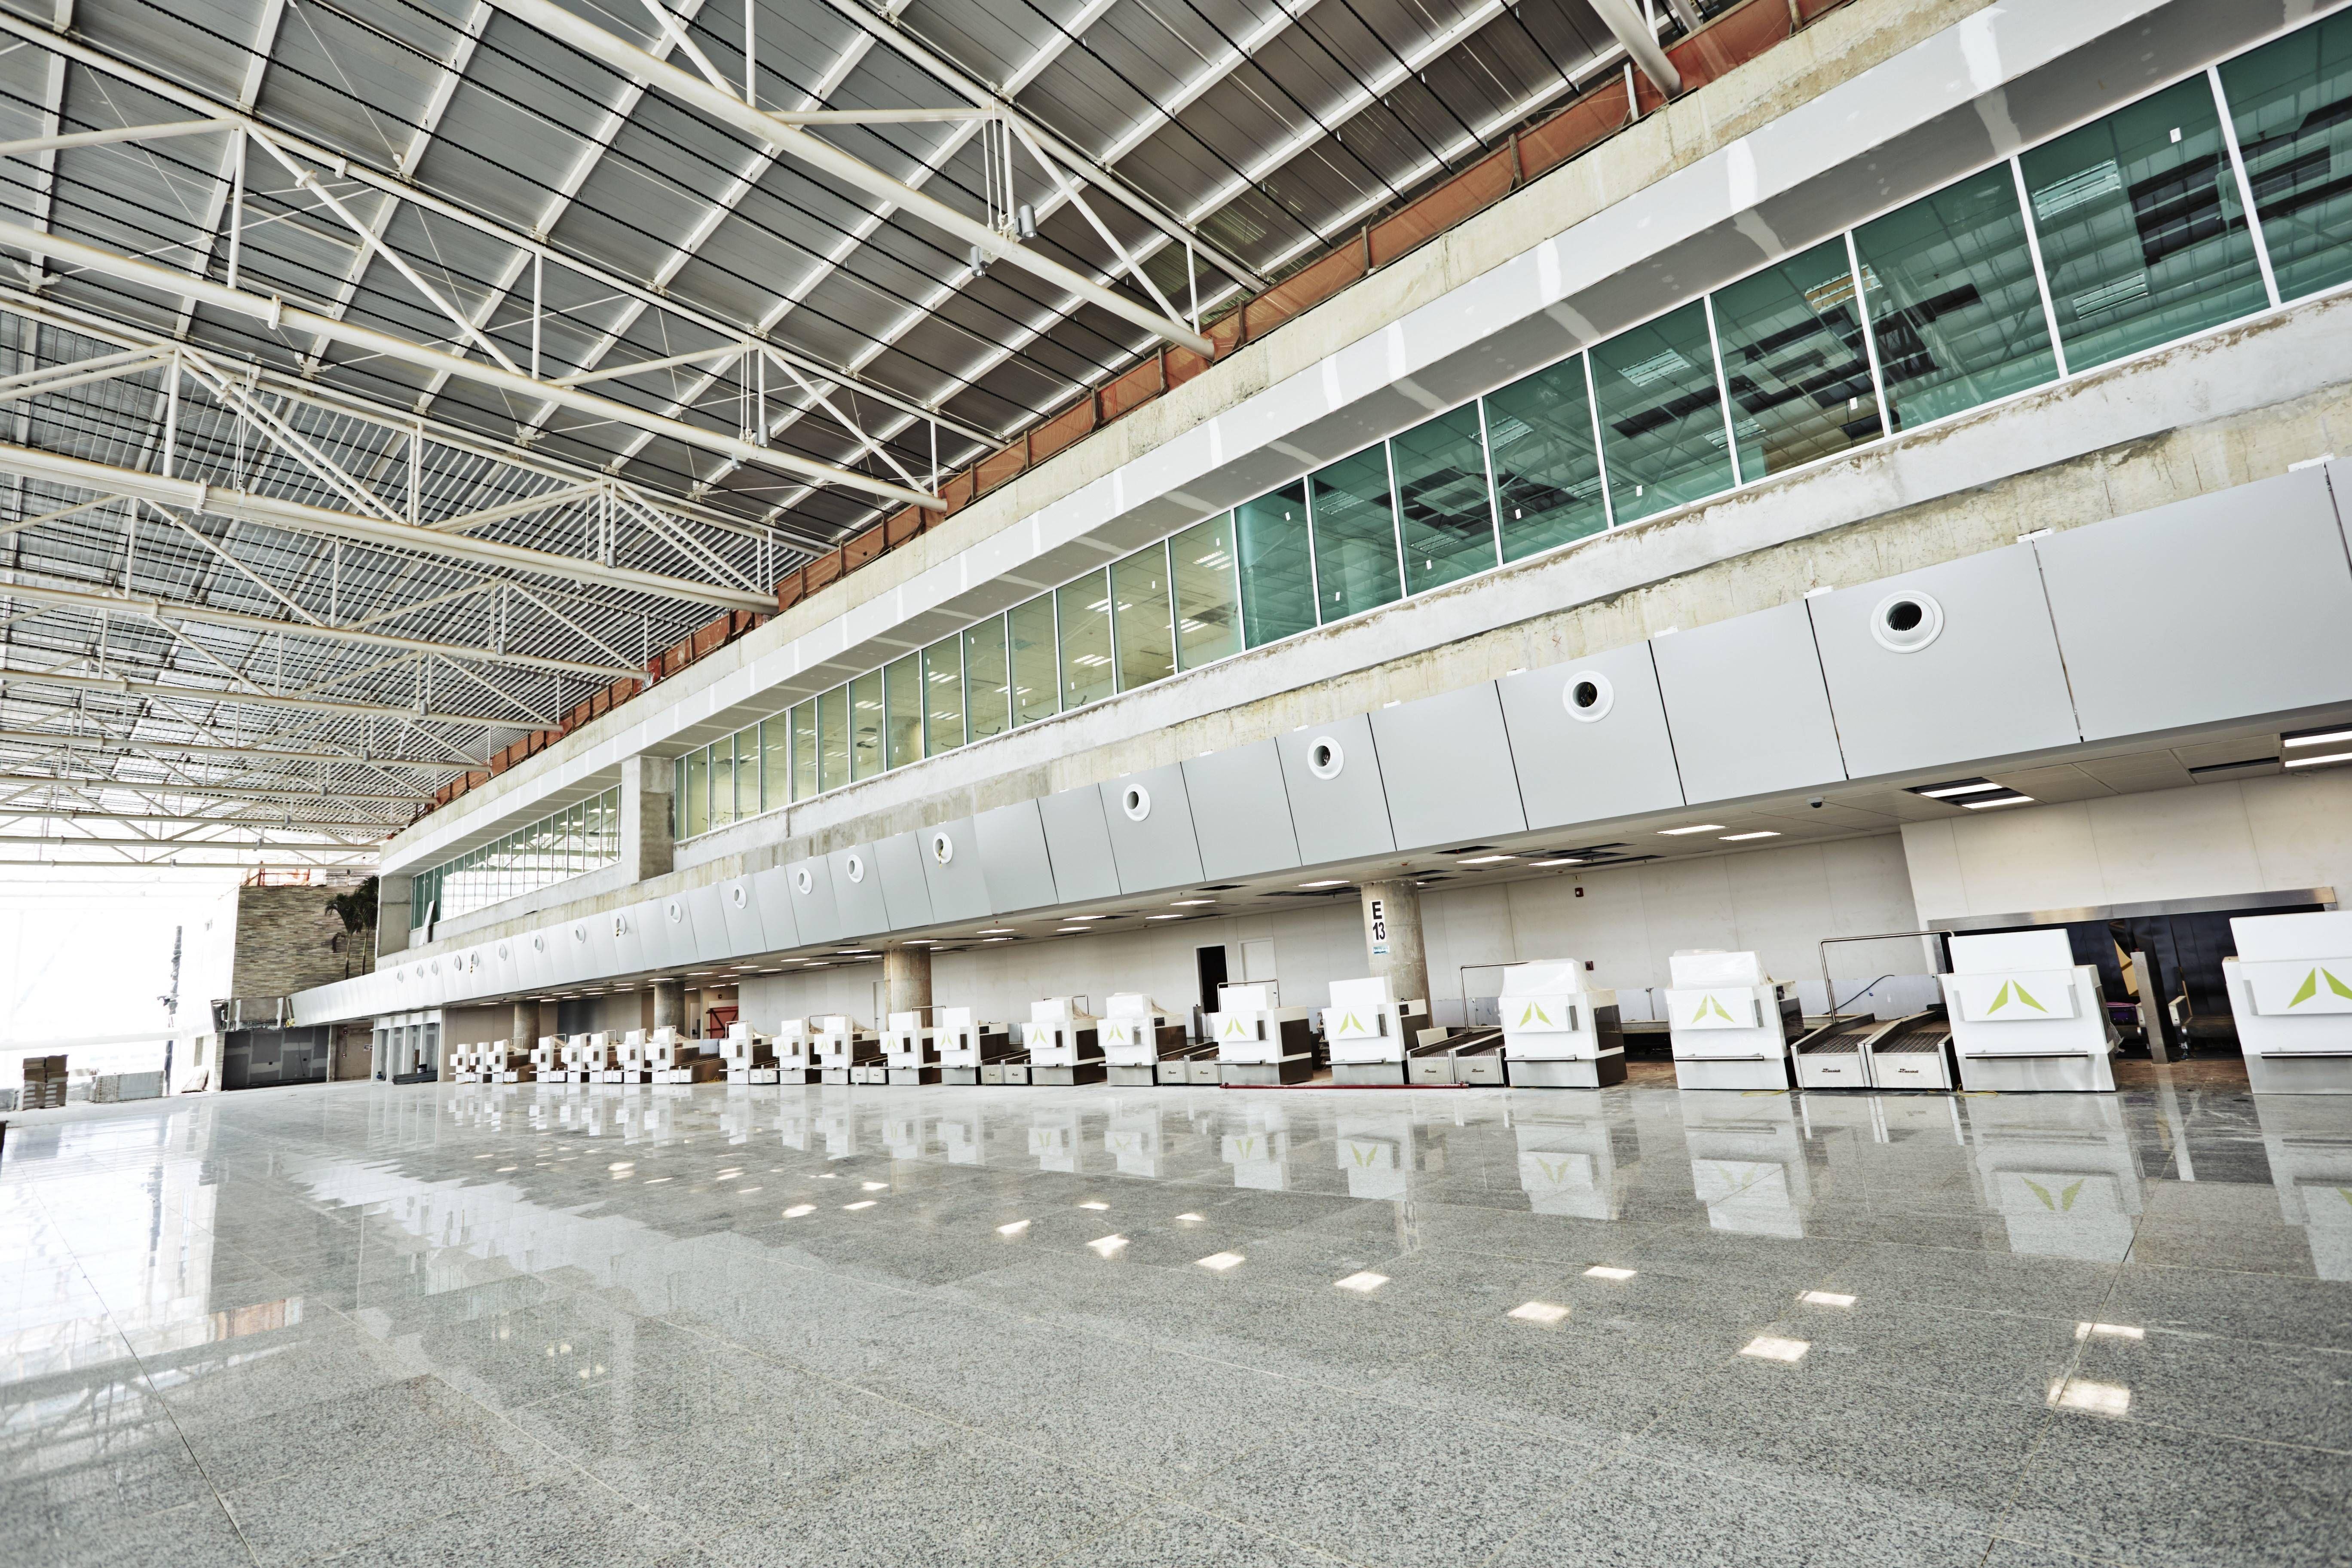 Aeroporto De Natal : Passageiros que passaram pelo aeroporto de natal vão